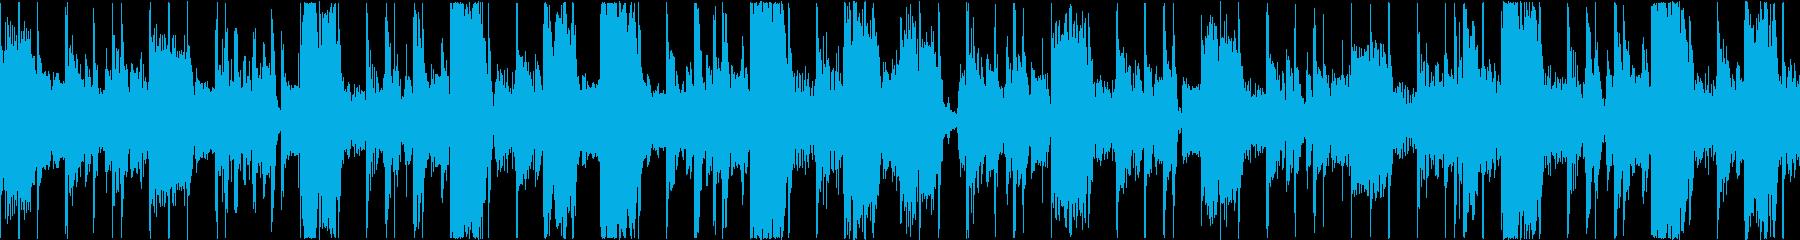 クールでゆったりとしたファンクの再生済みの波形